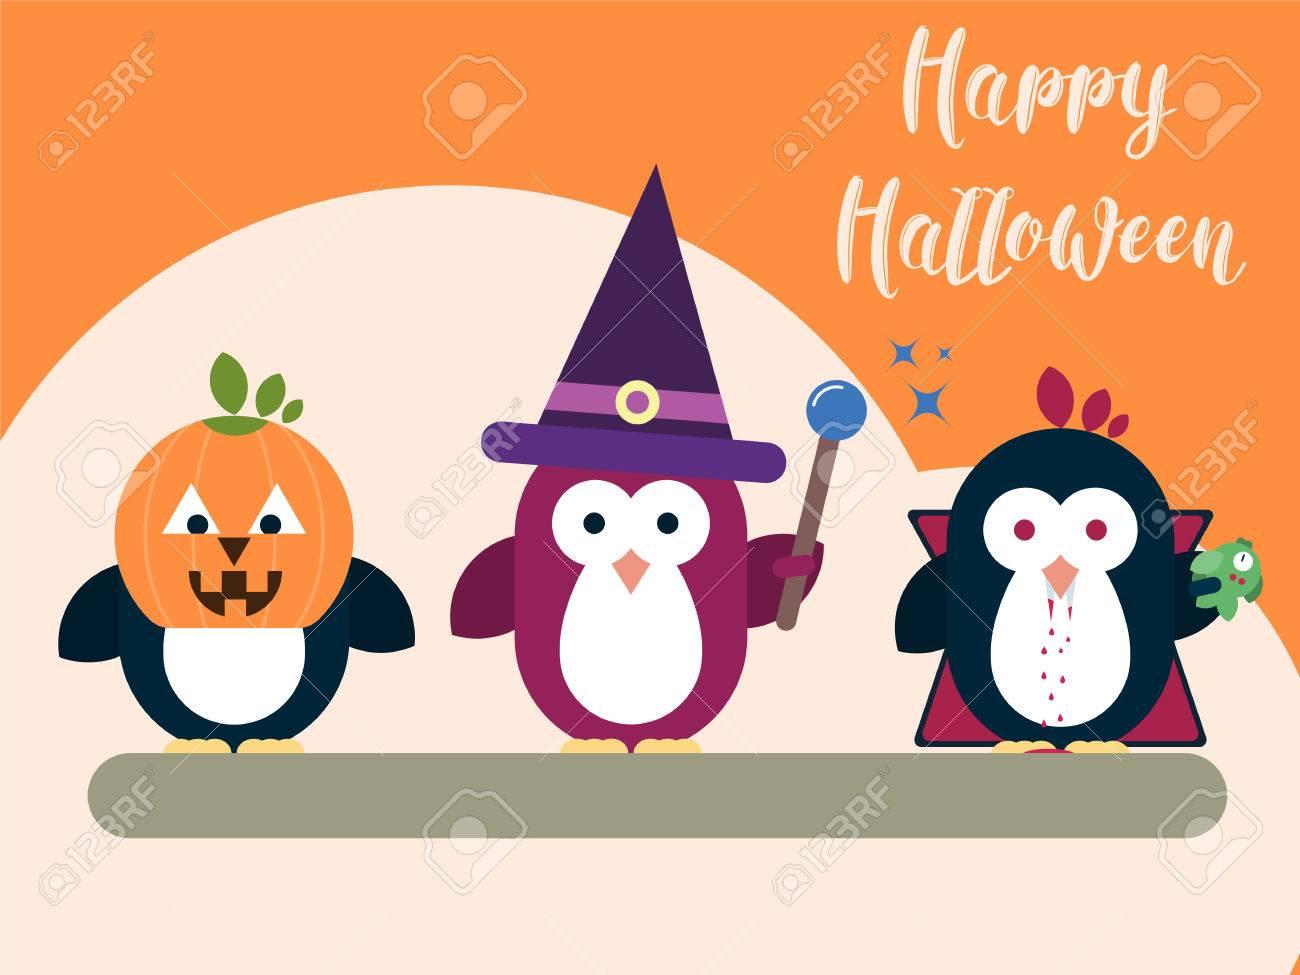 Sjabloon Halloween.Vector Halloween Kaart Sjabloon Met Gestileerde Pinguin Karakters Moderne Platte Illustratie